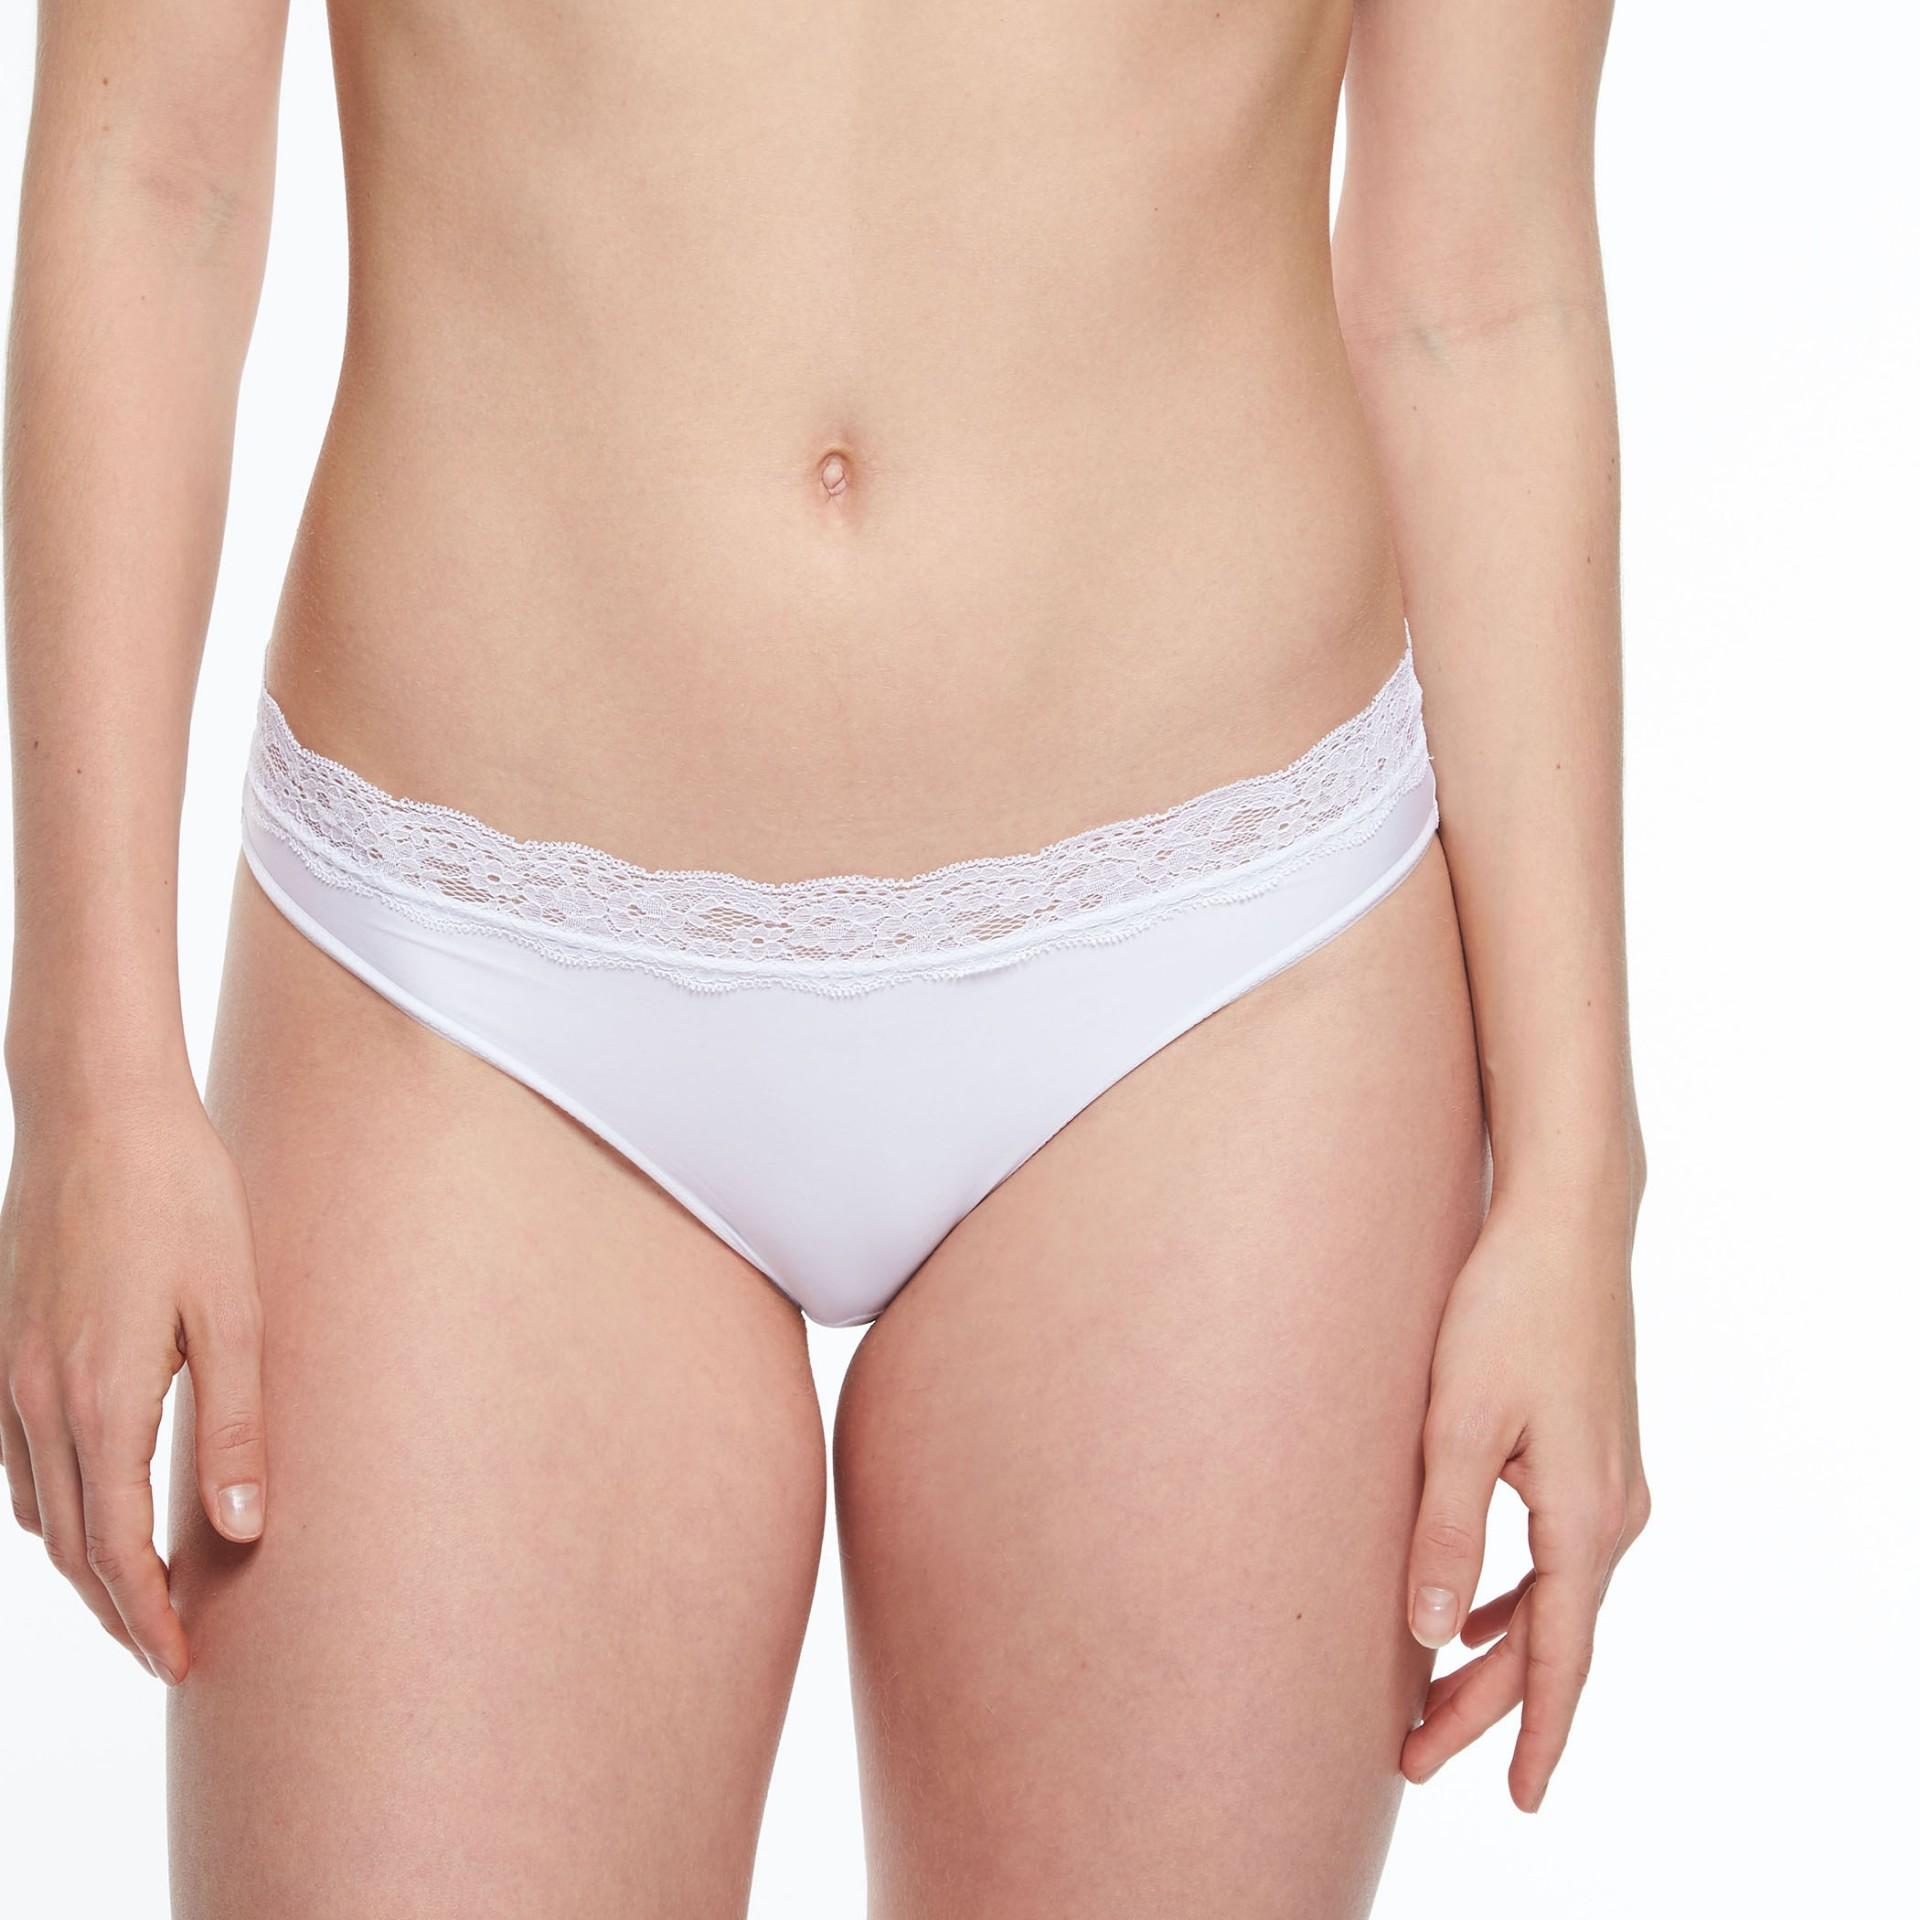 Kalhotky PASSIONATA (5703-01), Velikost 38, Barva bílá